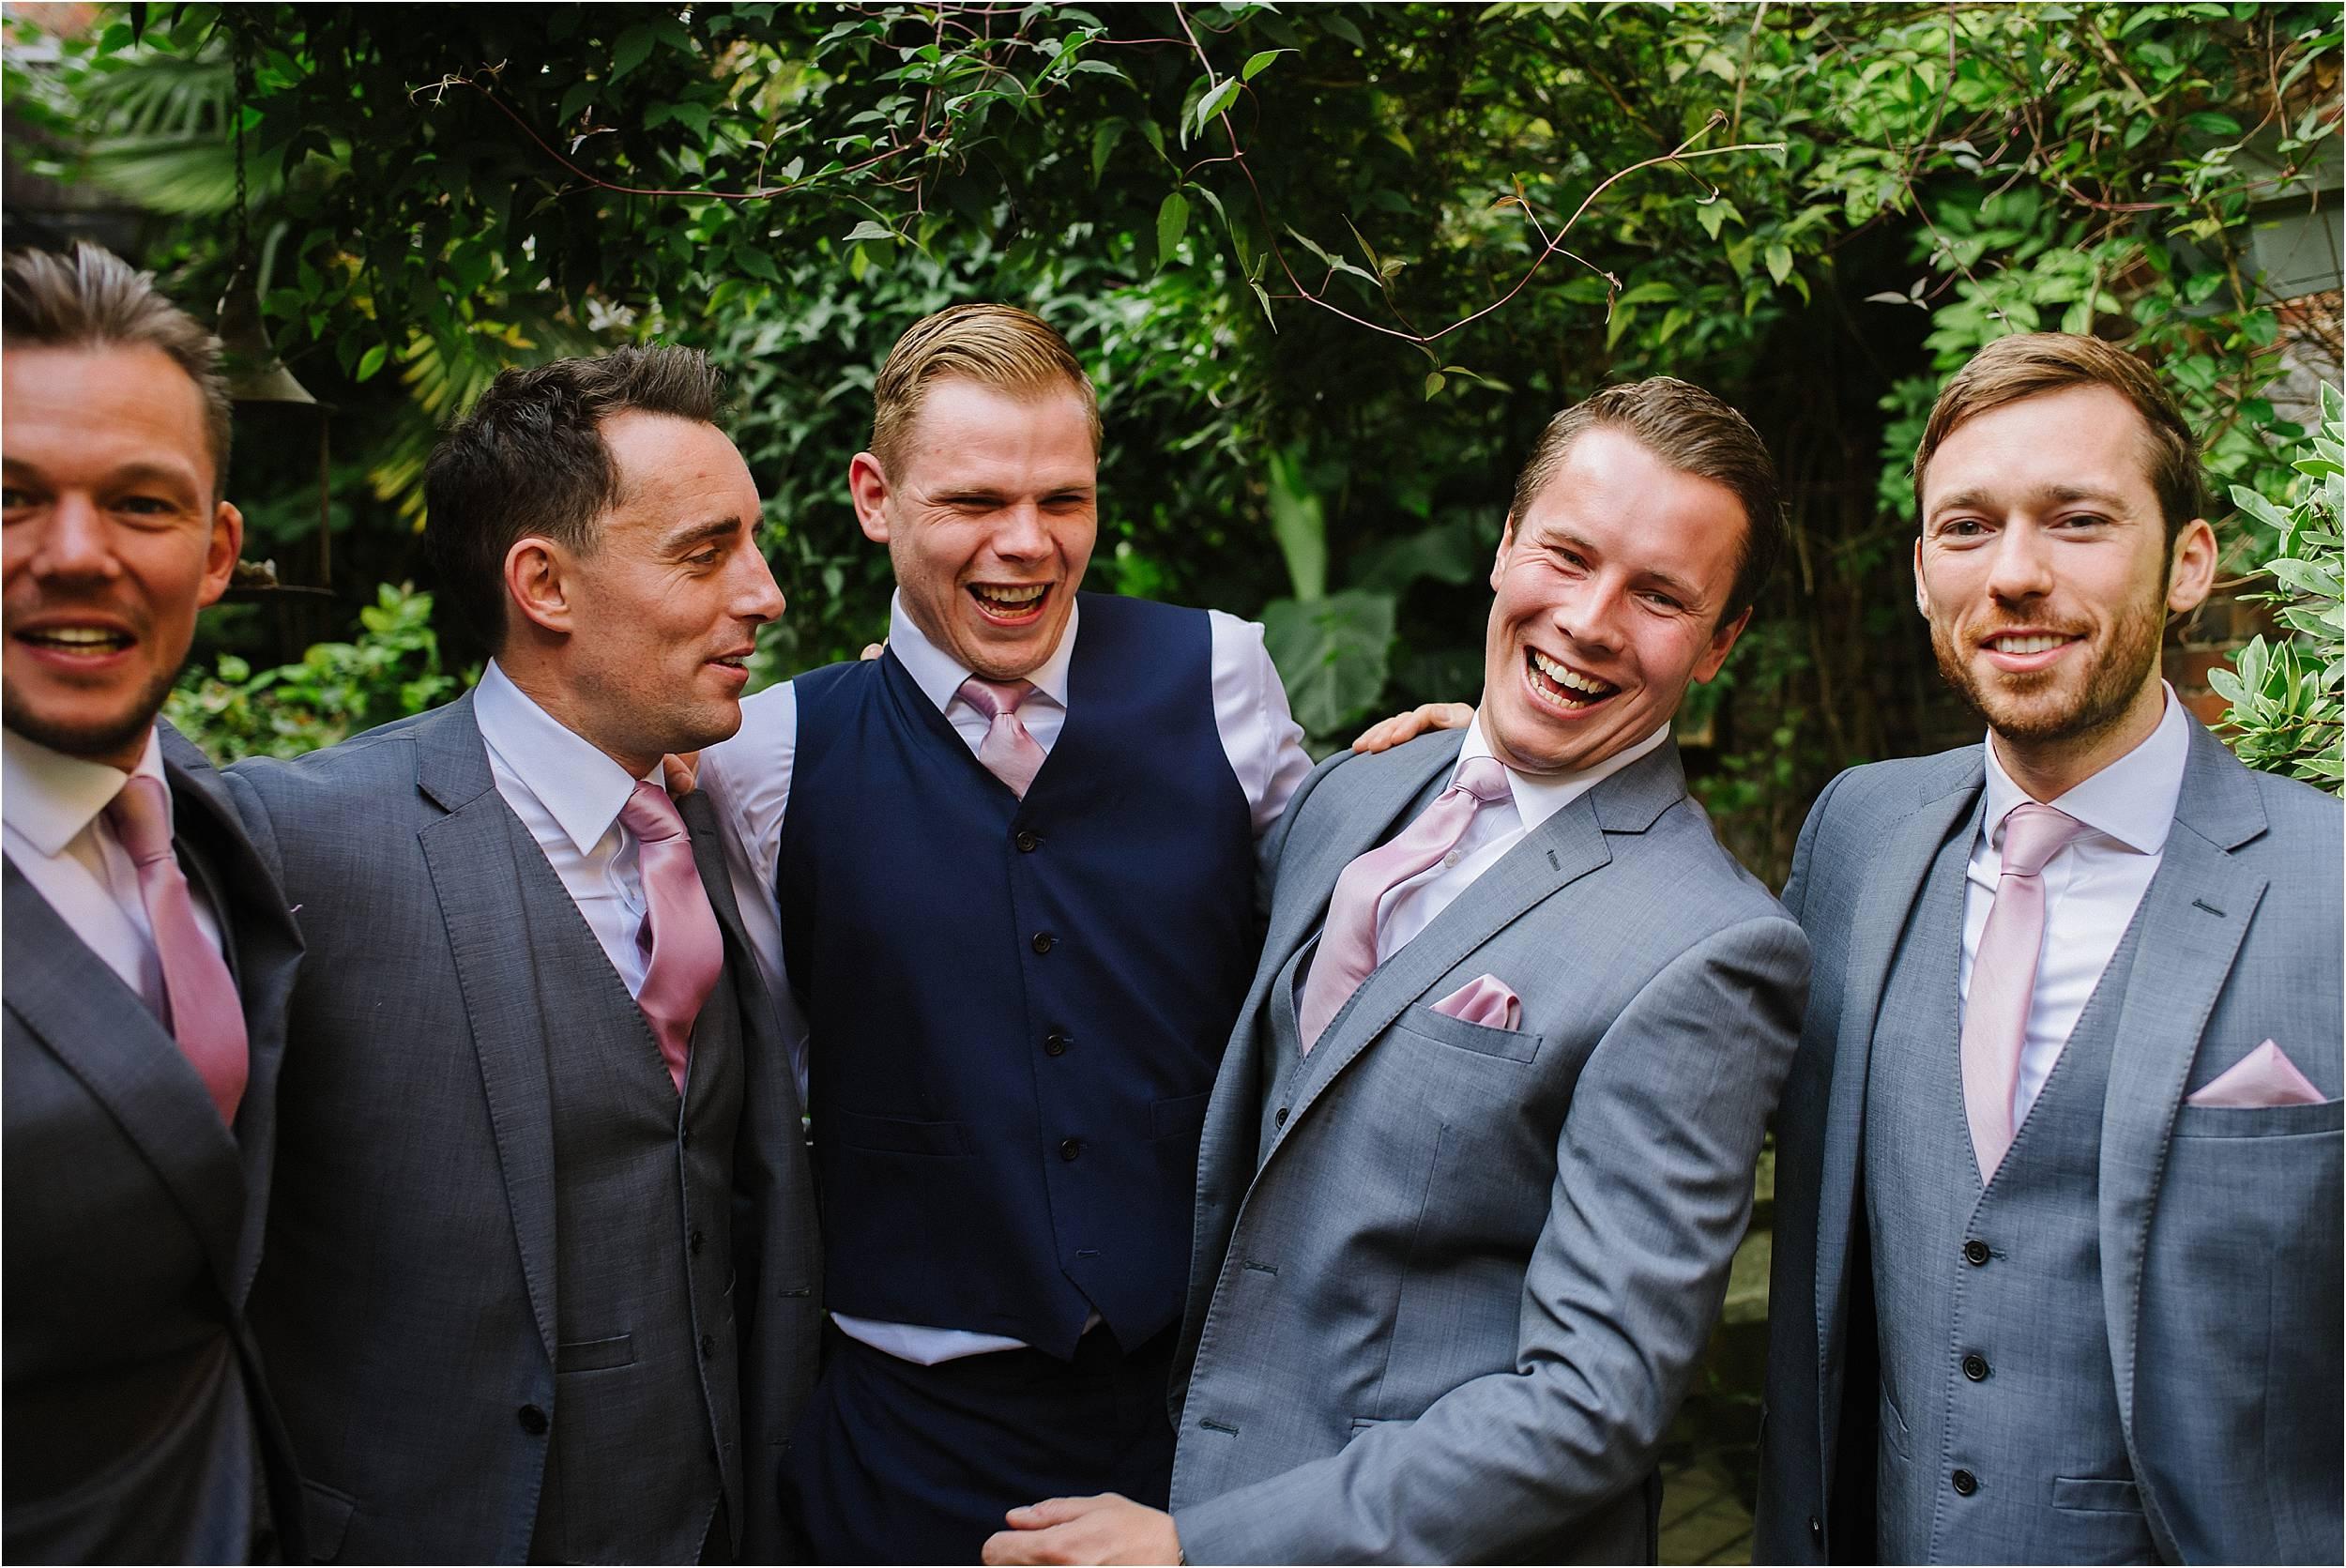 Buckinghamshire Wedding Photography_0011.jpg